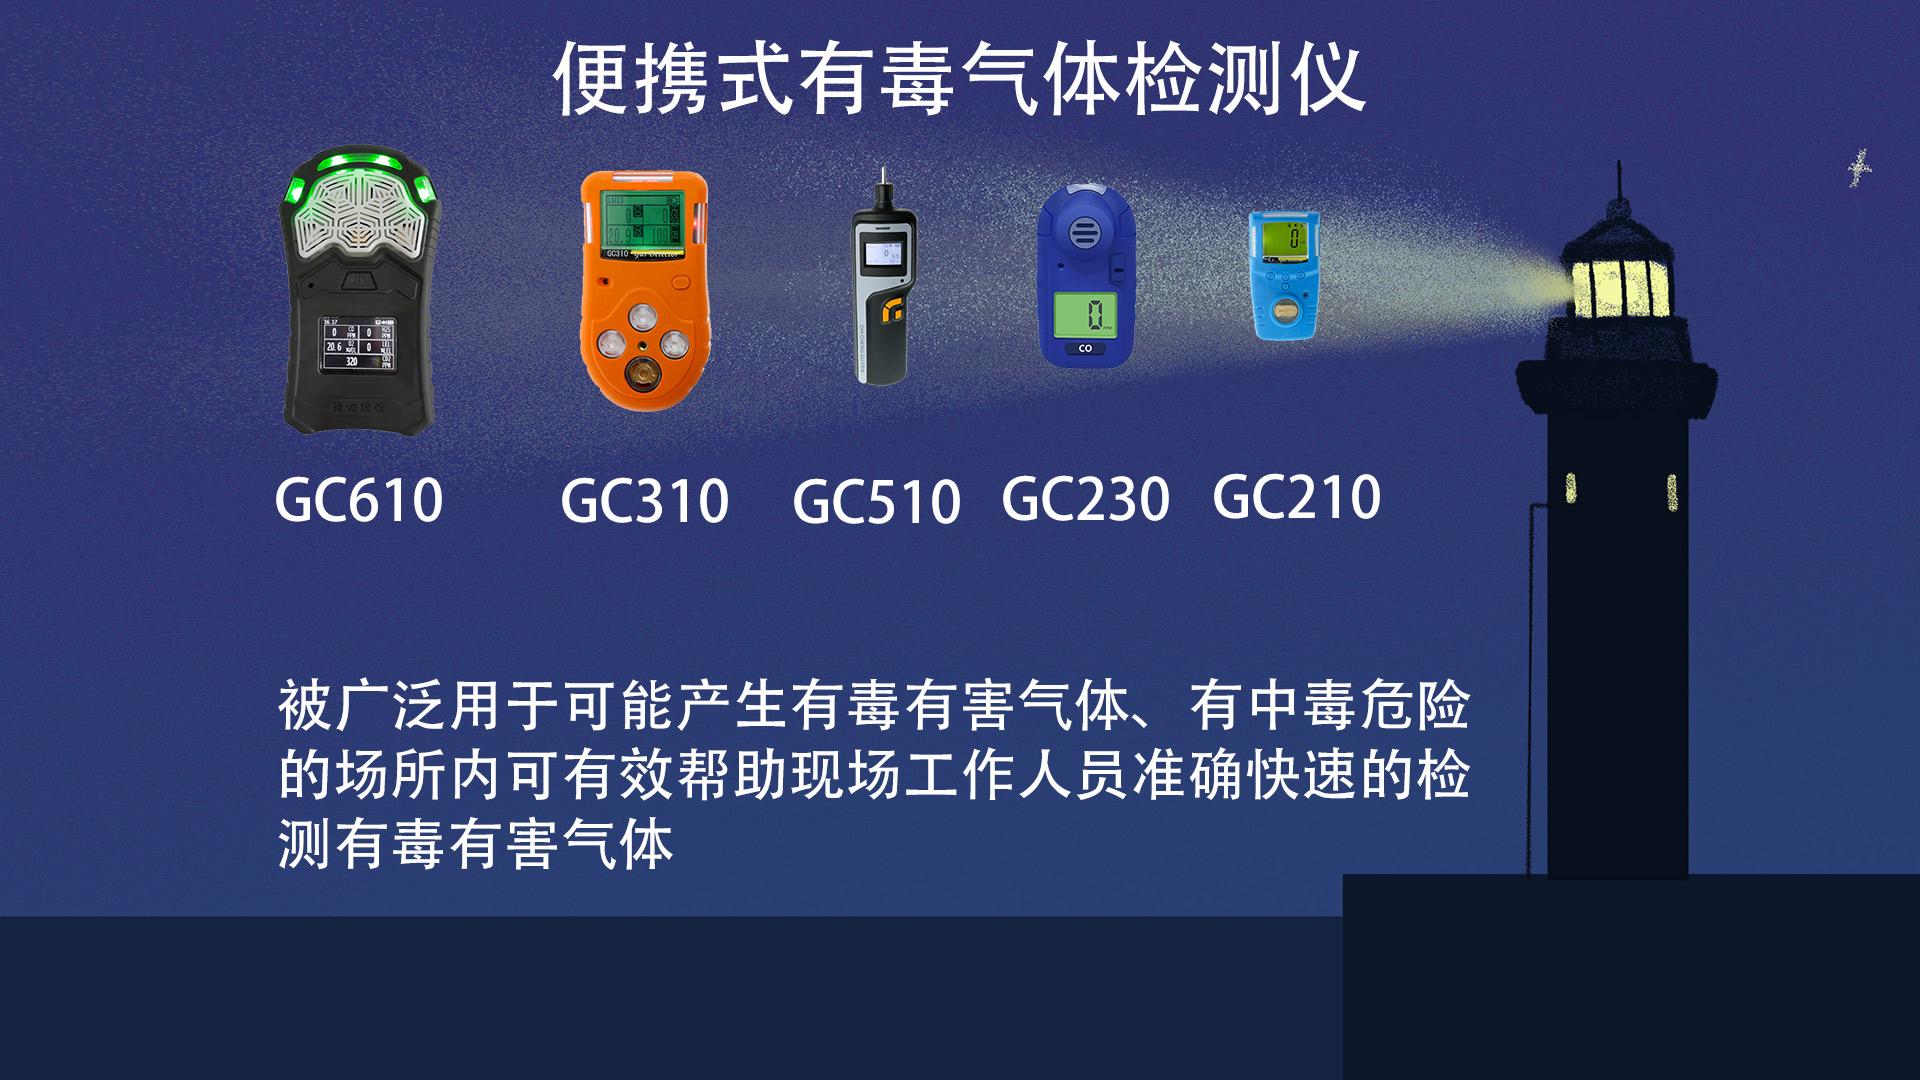 beplay手机下载电气便携式有毒beplay手机客户端下载检测仪基本参数要素介绍